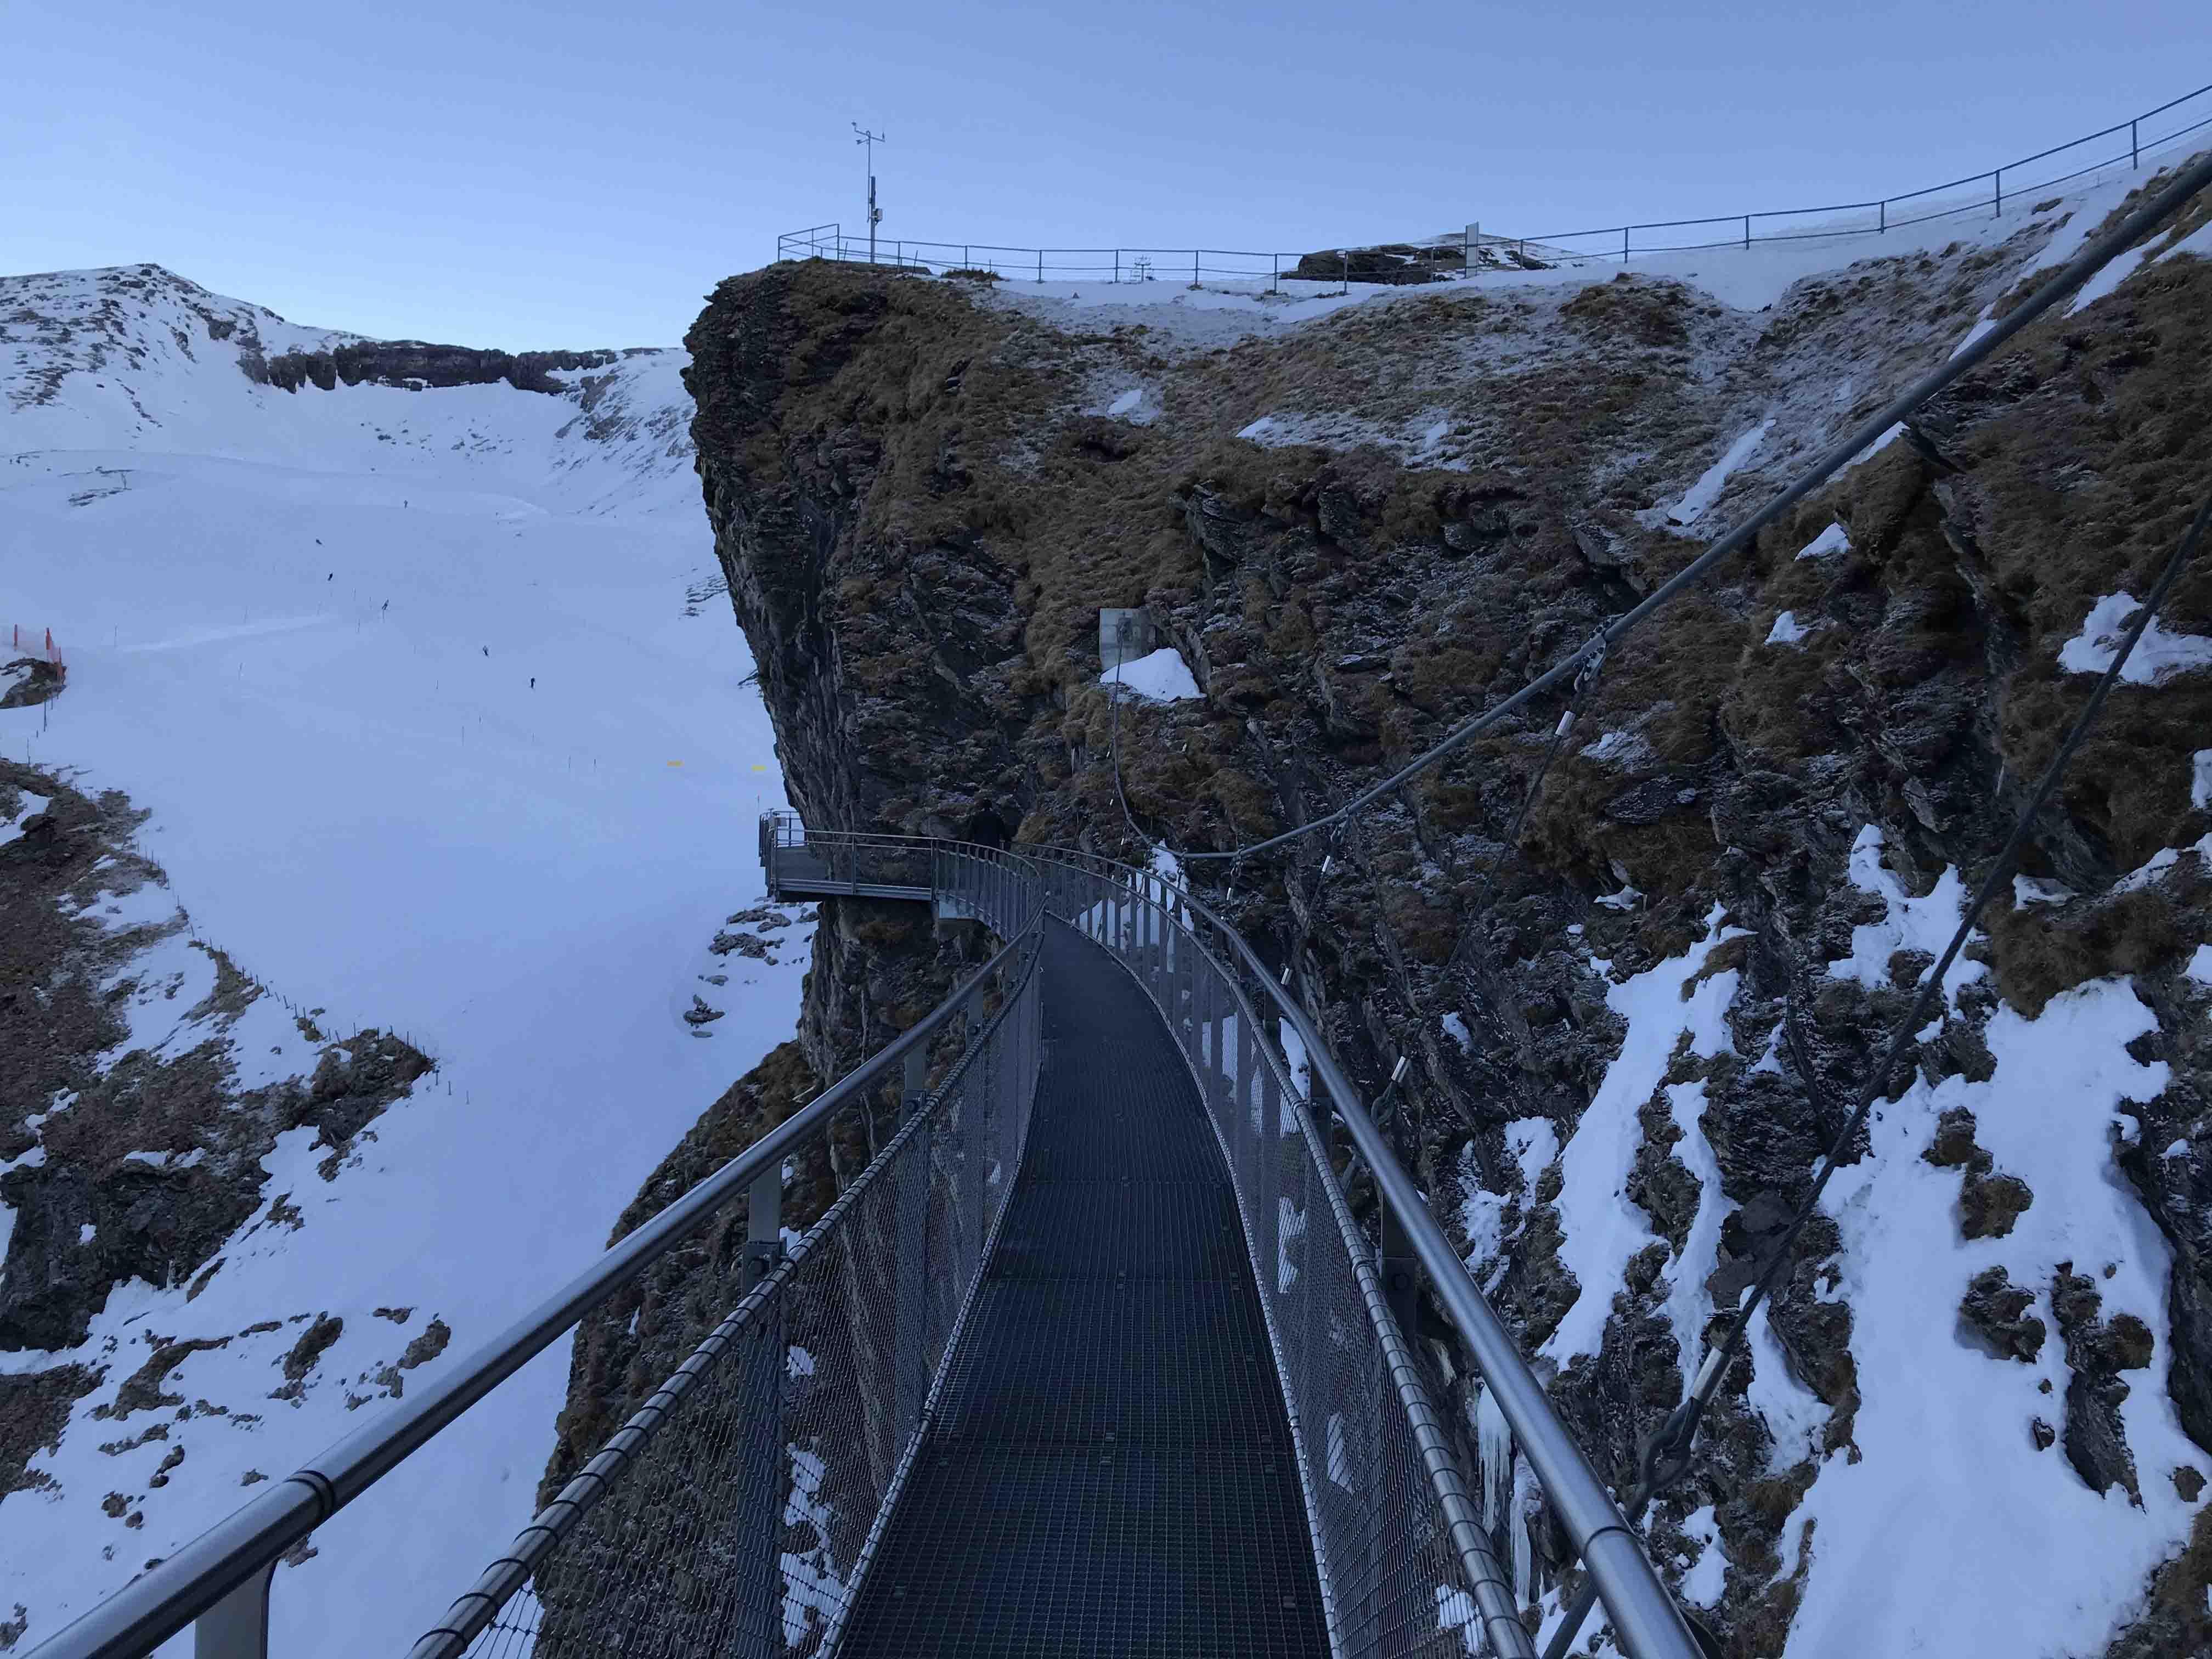 Ferienwohnung Chalet Anemone Grindelwald-First Cliff Walk Hängebrücke